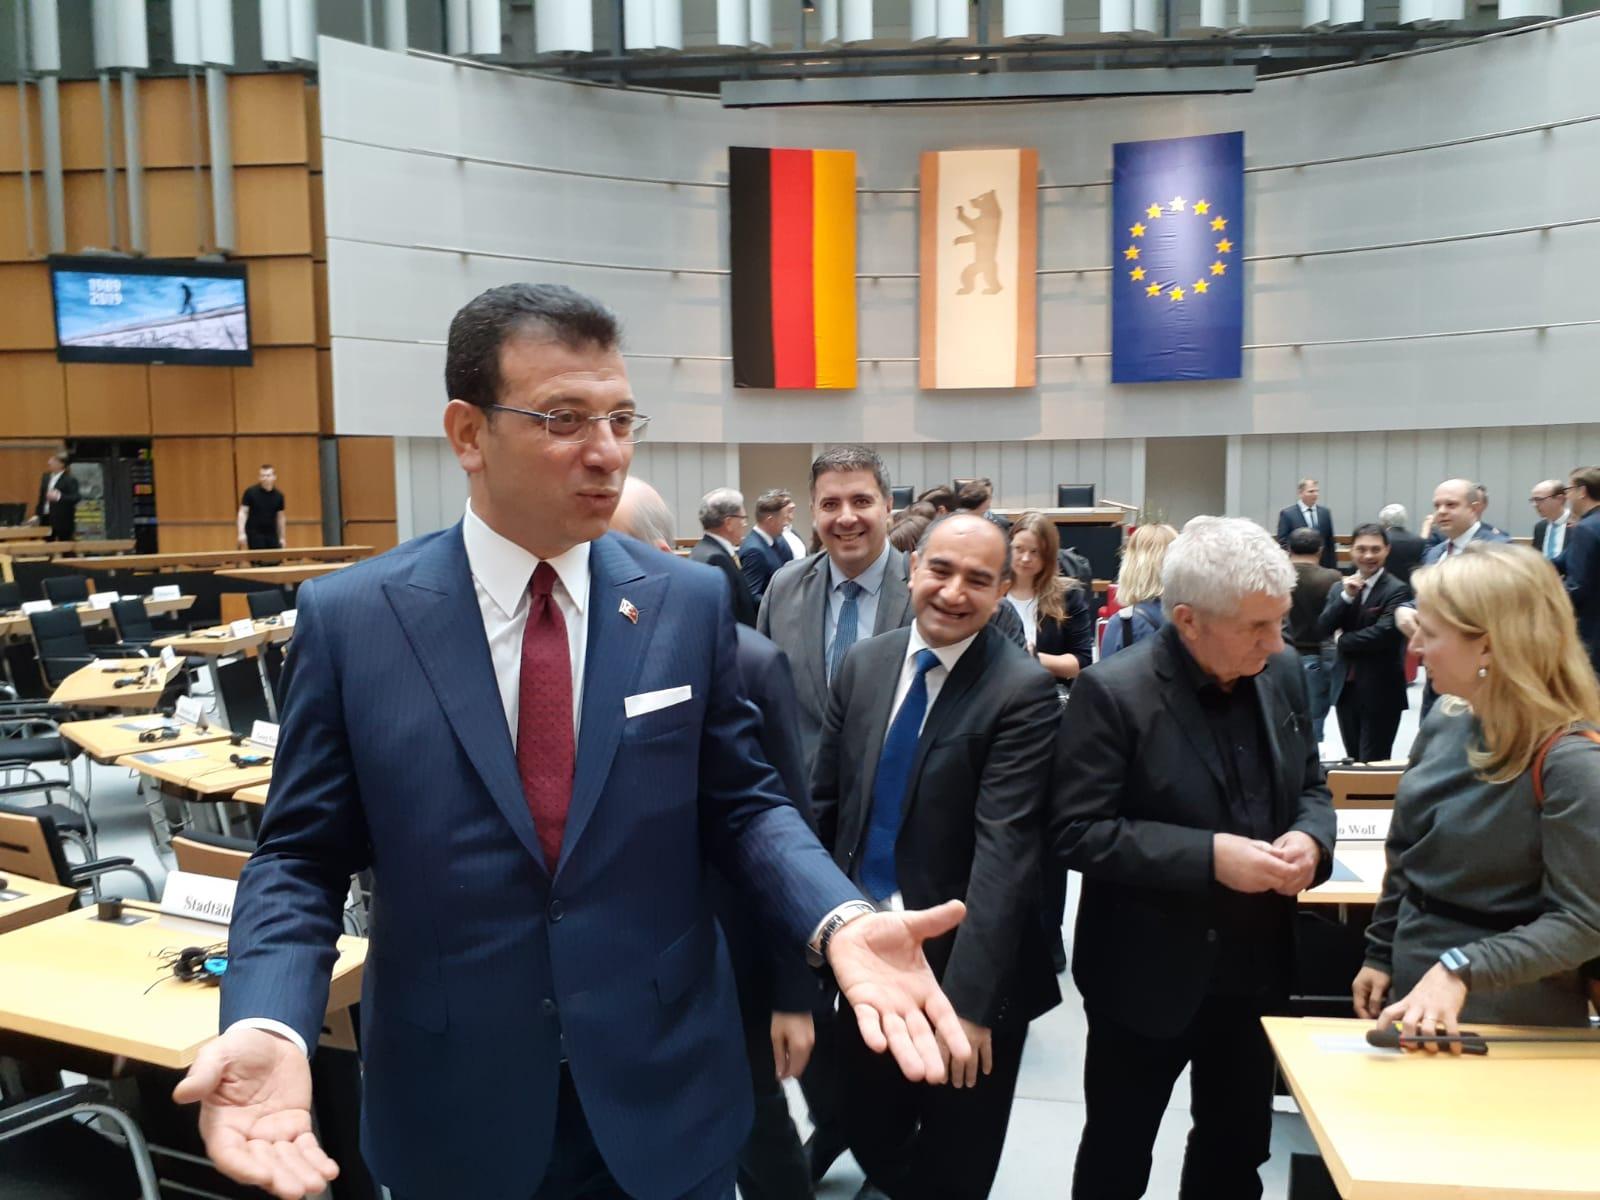 İmamoğlu, Berlin Eyalet Meclisi'nde konuştu: Yıkılacak daha çok duvar var